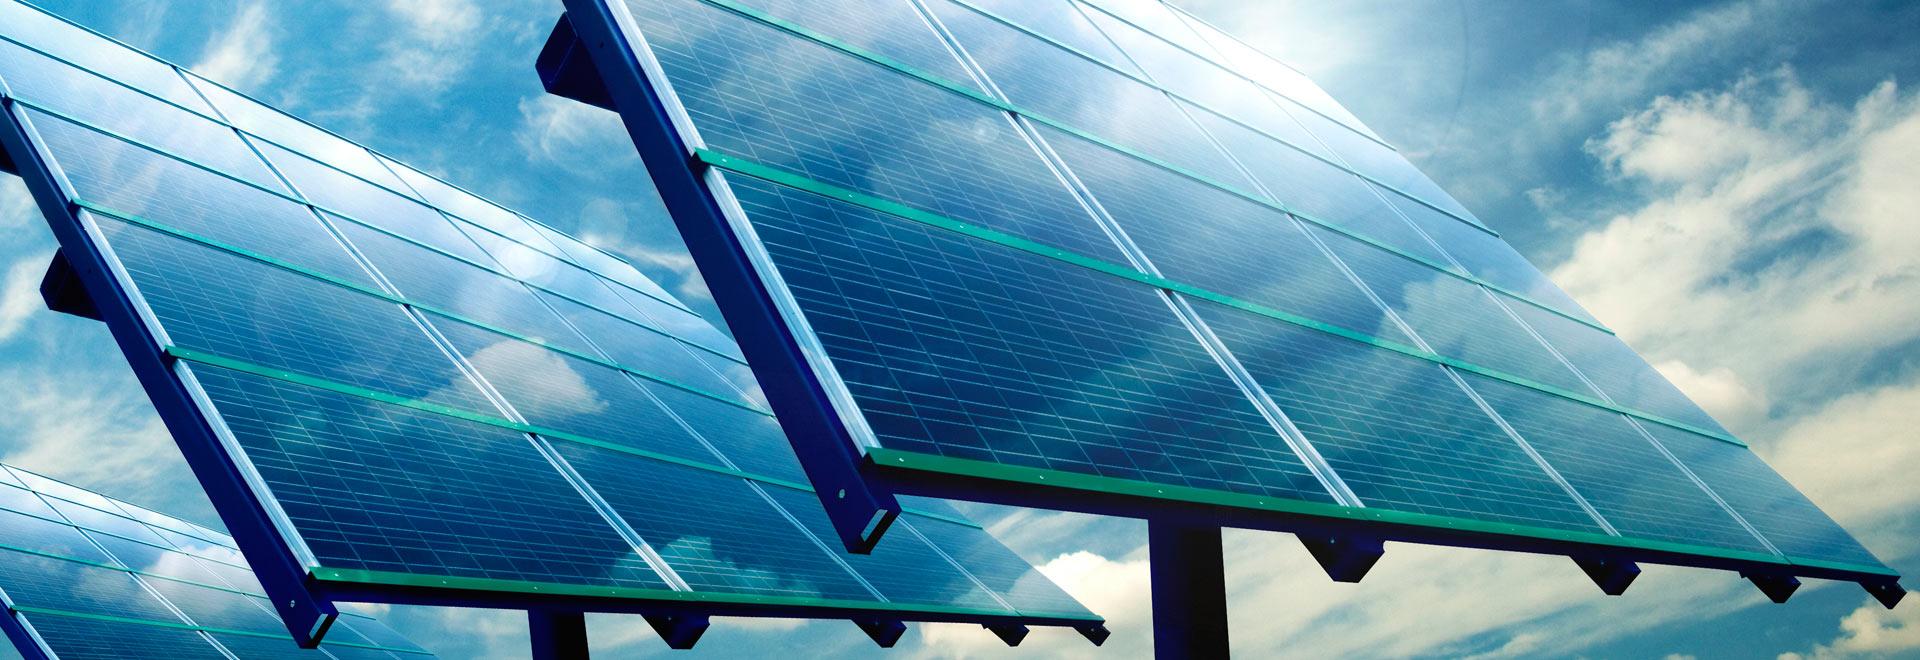 Elektrische Leistungsfähigkeits-Solaraufzeichnung behauptete